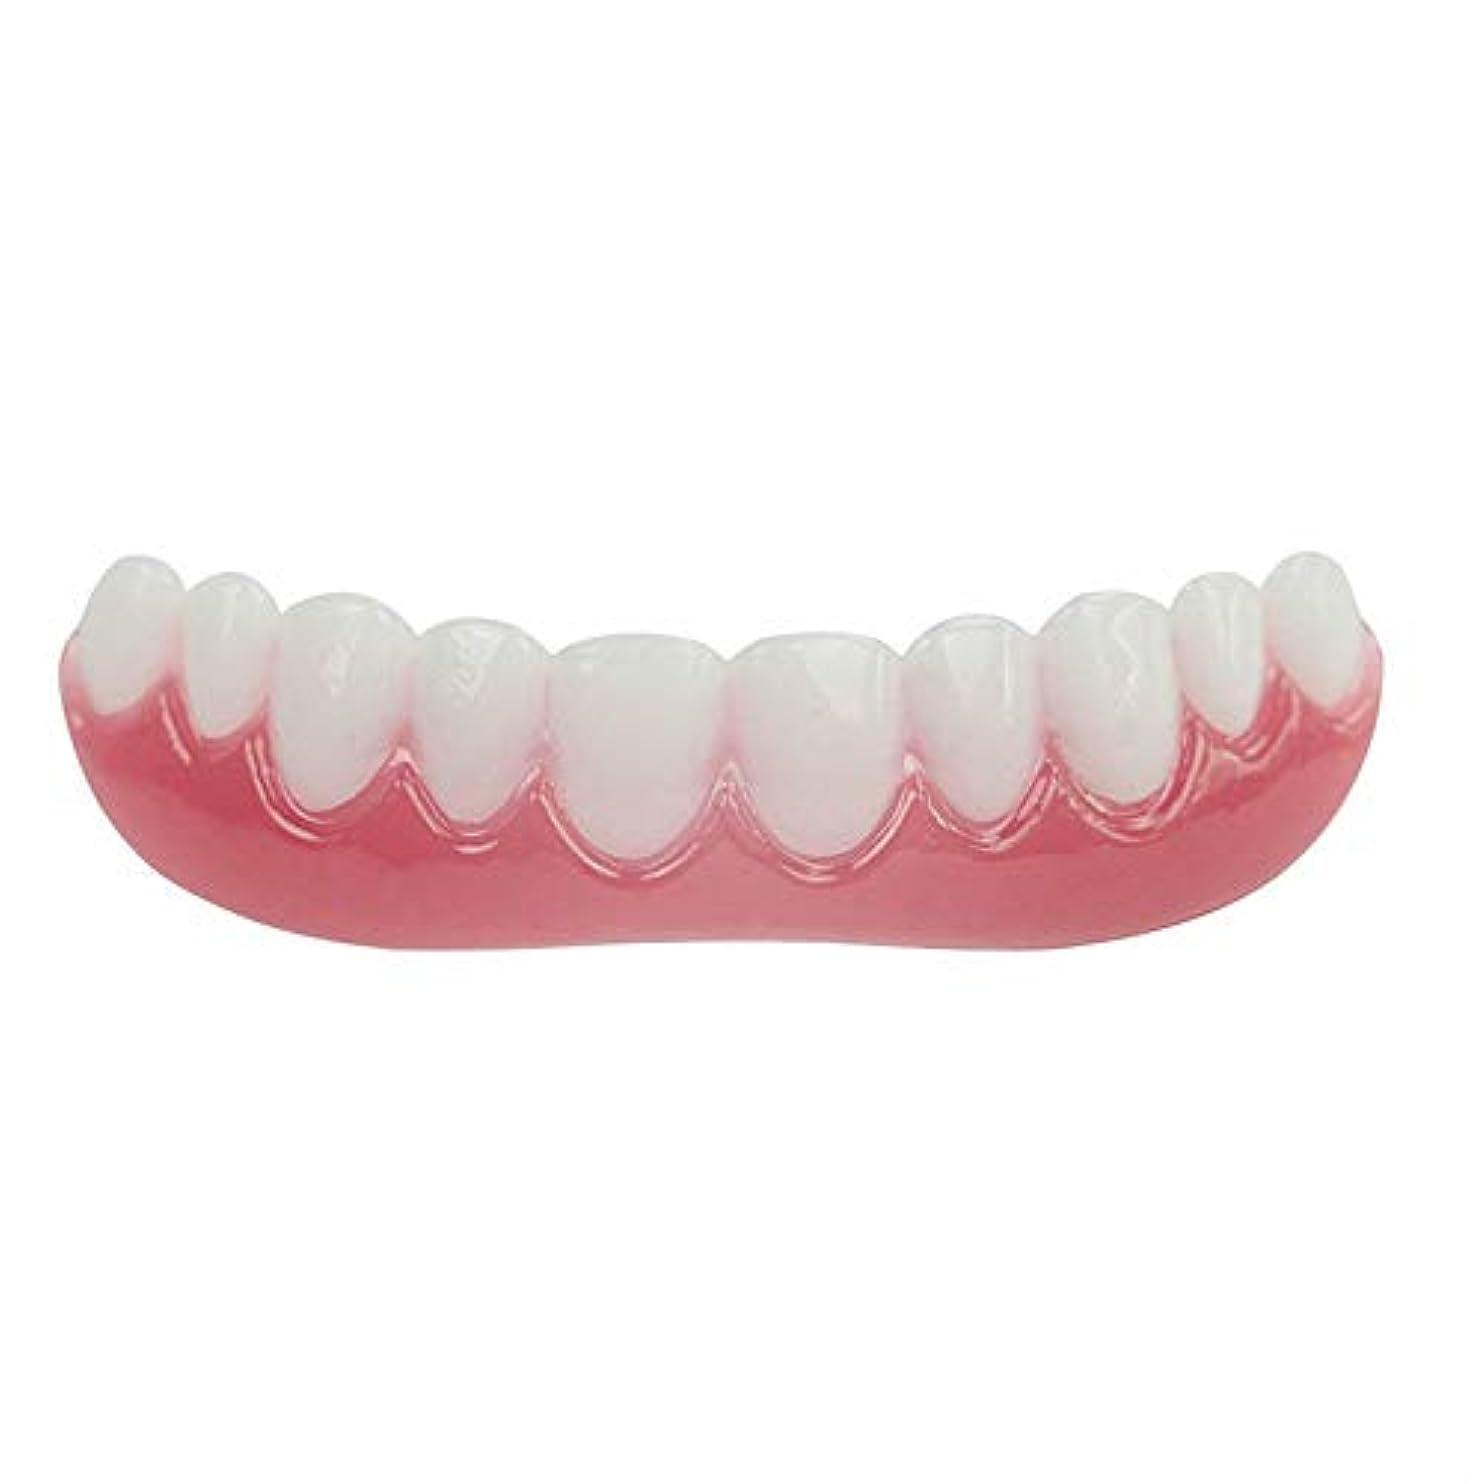 リーチ社会科ピアニストシリコーンシミュレーション義歯、歯科用ベニヤホワイトトゥースセット(3個),Colorbox,Lower